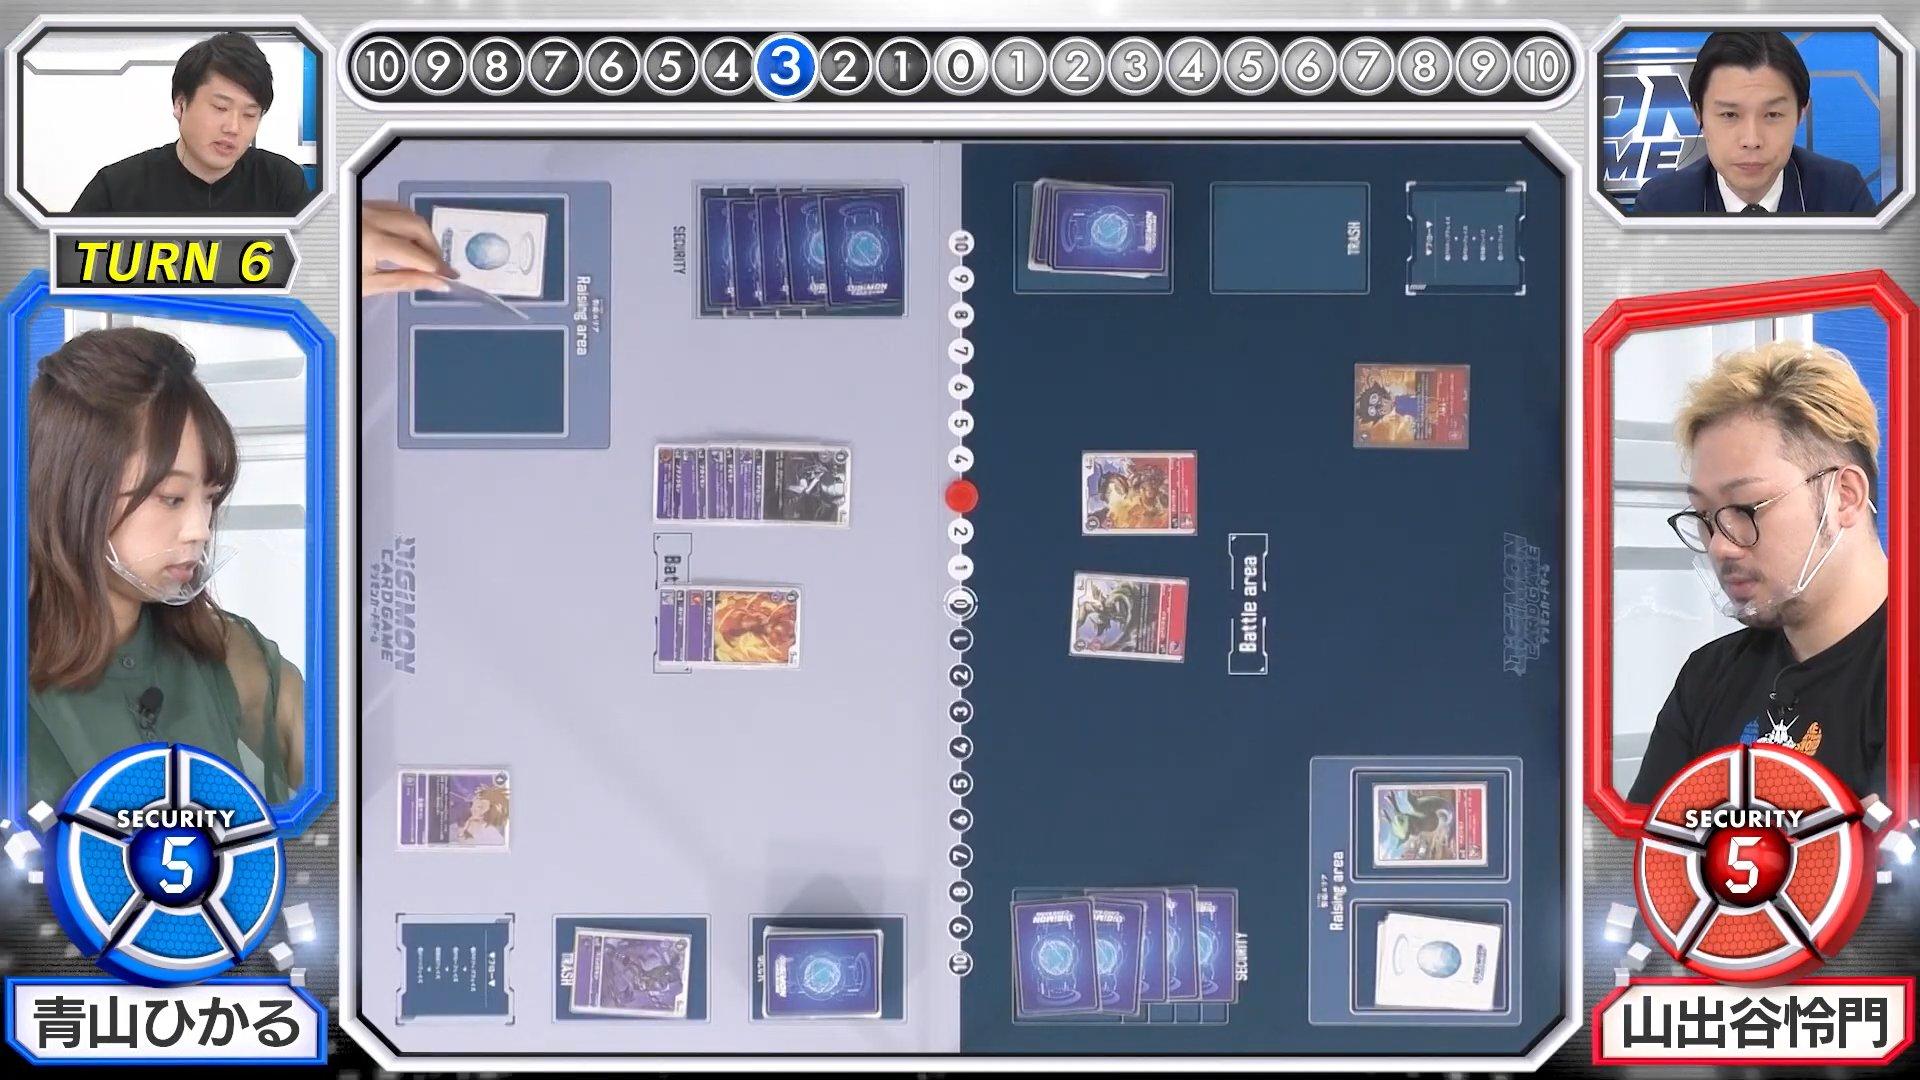 digimoncardbattle_v2_09_08_december3_2020.jpg